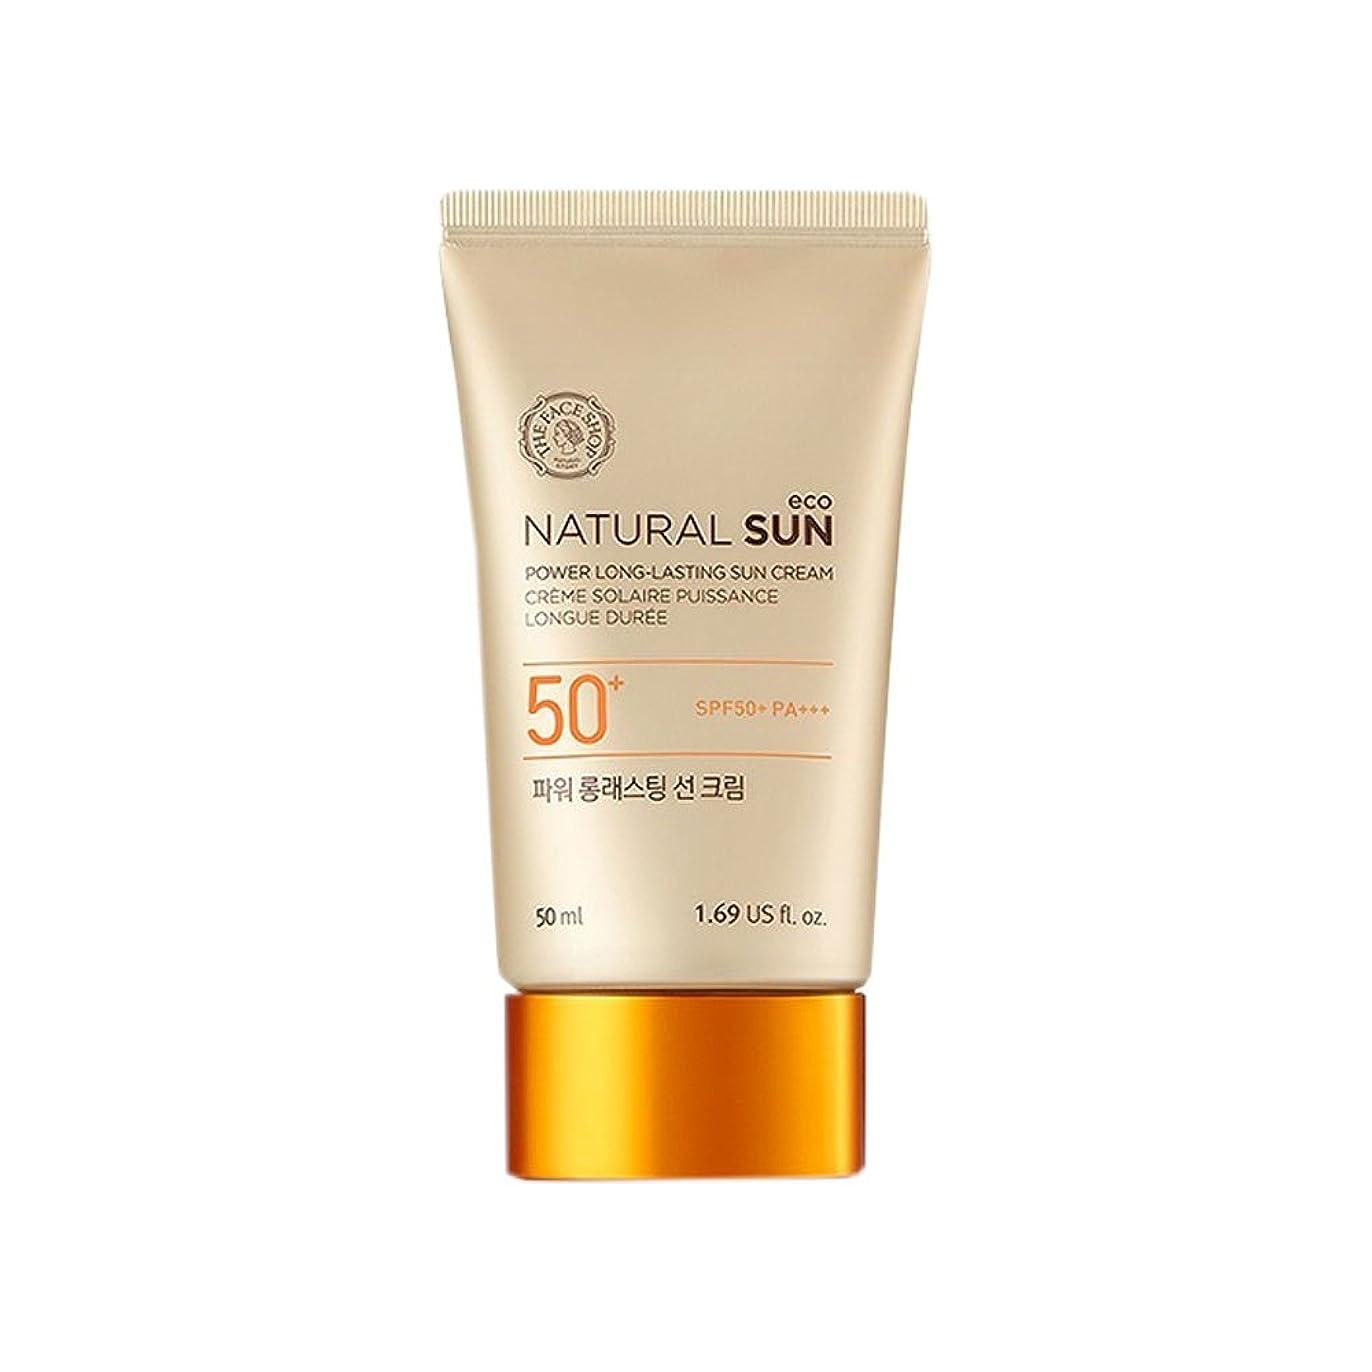 フレッシュブラザー作家[ザ?フェイスショップ] The Face Shop ナチュラルサン エコ パワー ロングラスティング サン クリーム SPF50+PA+++50ml The Face Shop Natural Sun Eco Power Long-Lasting Sun SPF50+PA+++50ml [海外直送品]